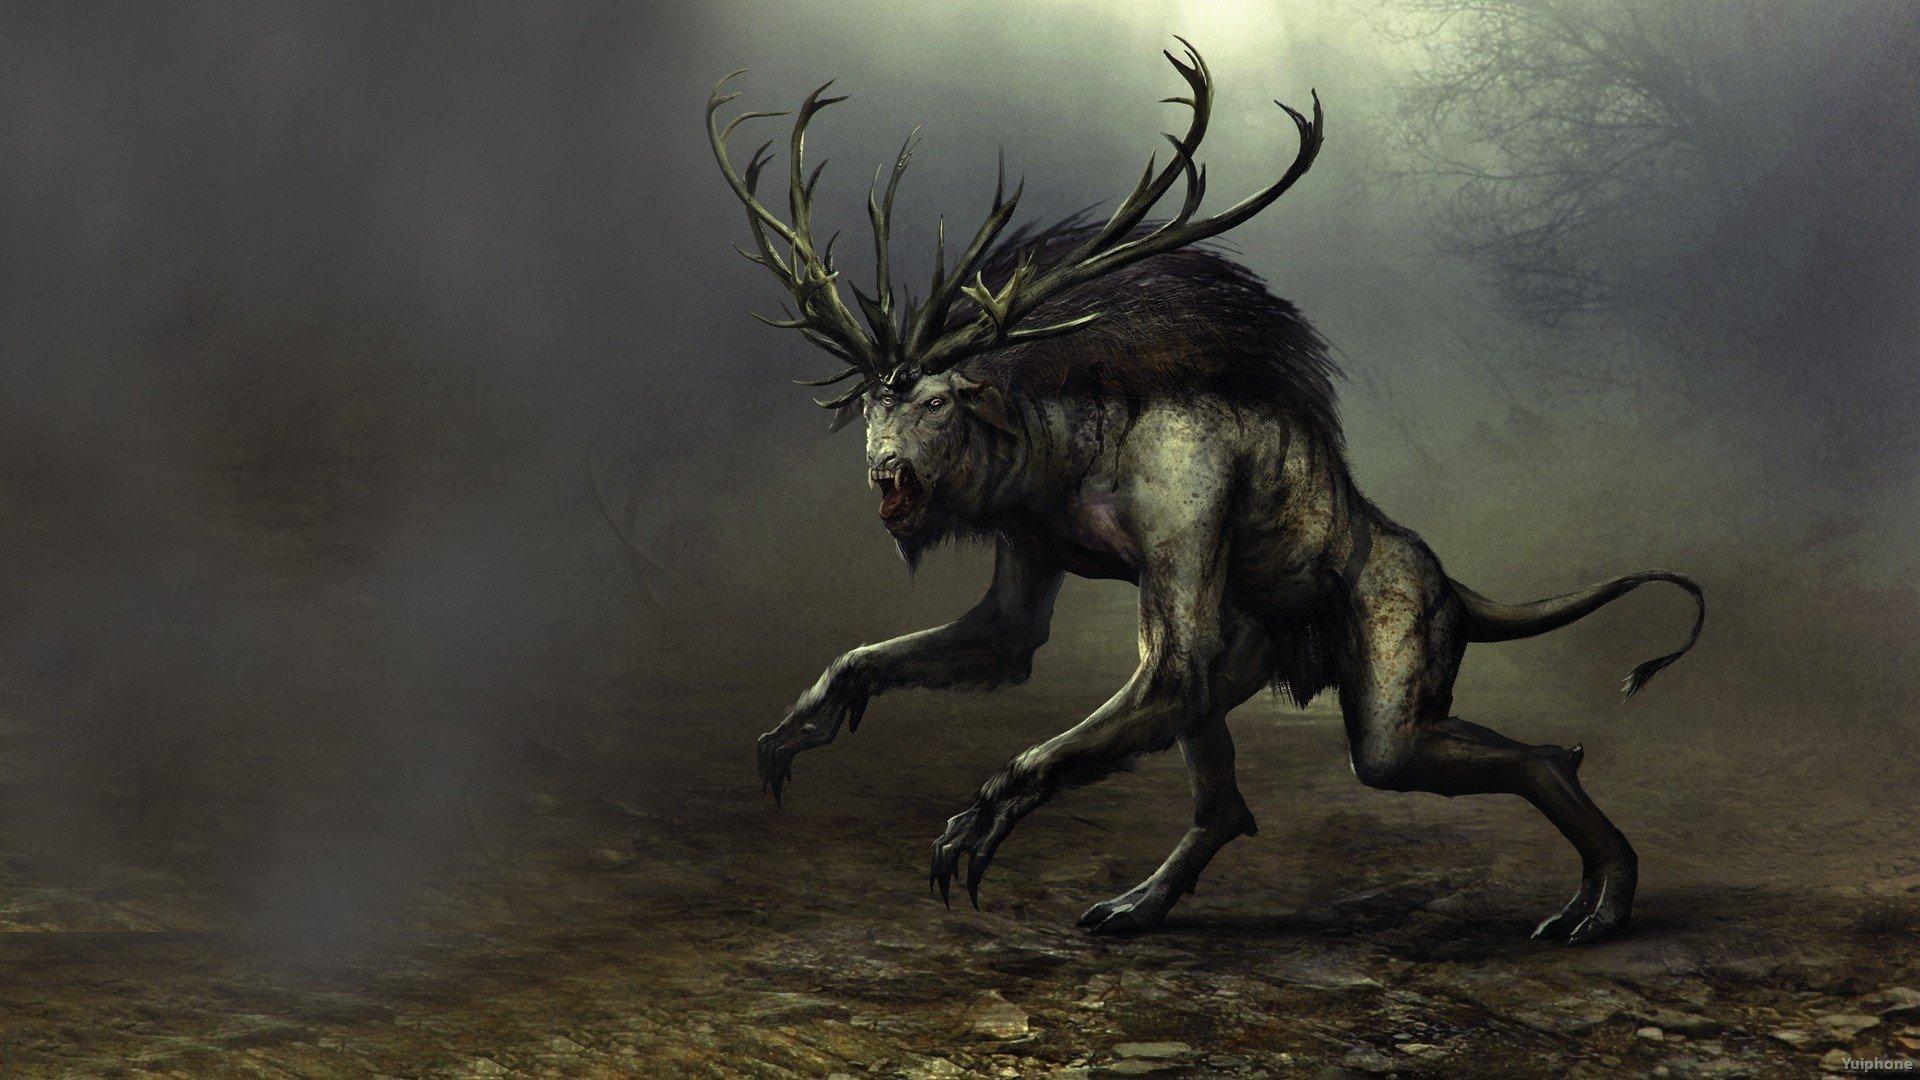 Witcher 3 Fantasy Warrior Monster Dark Creature D